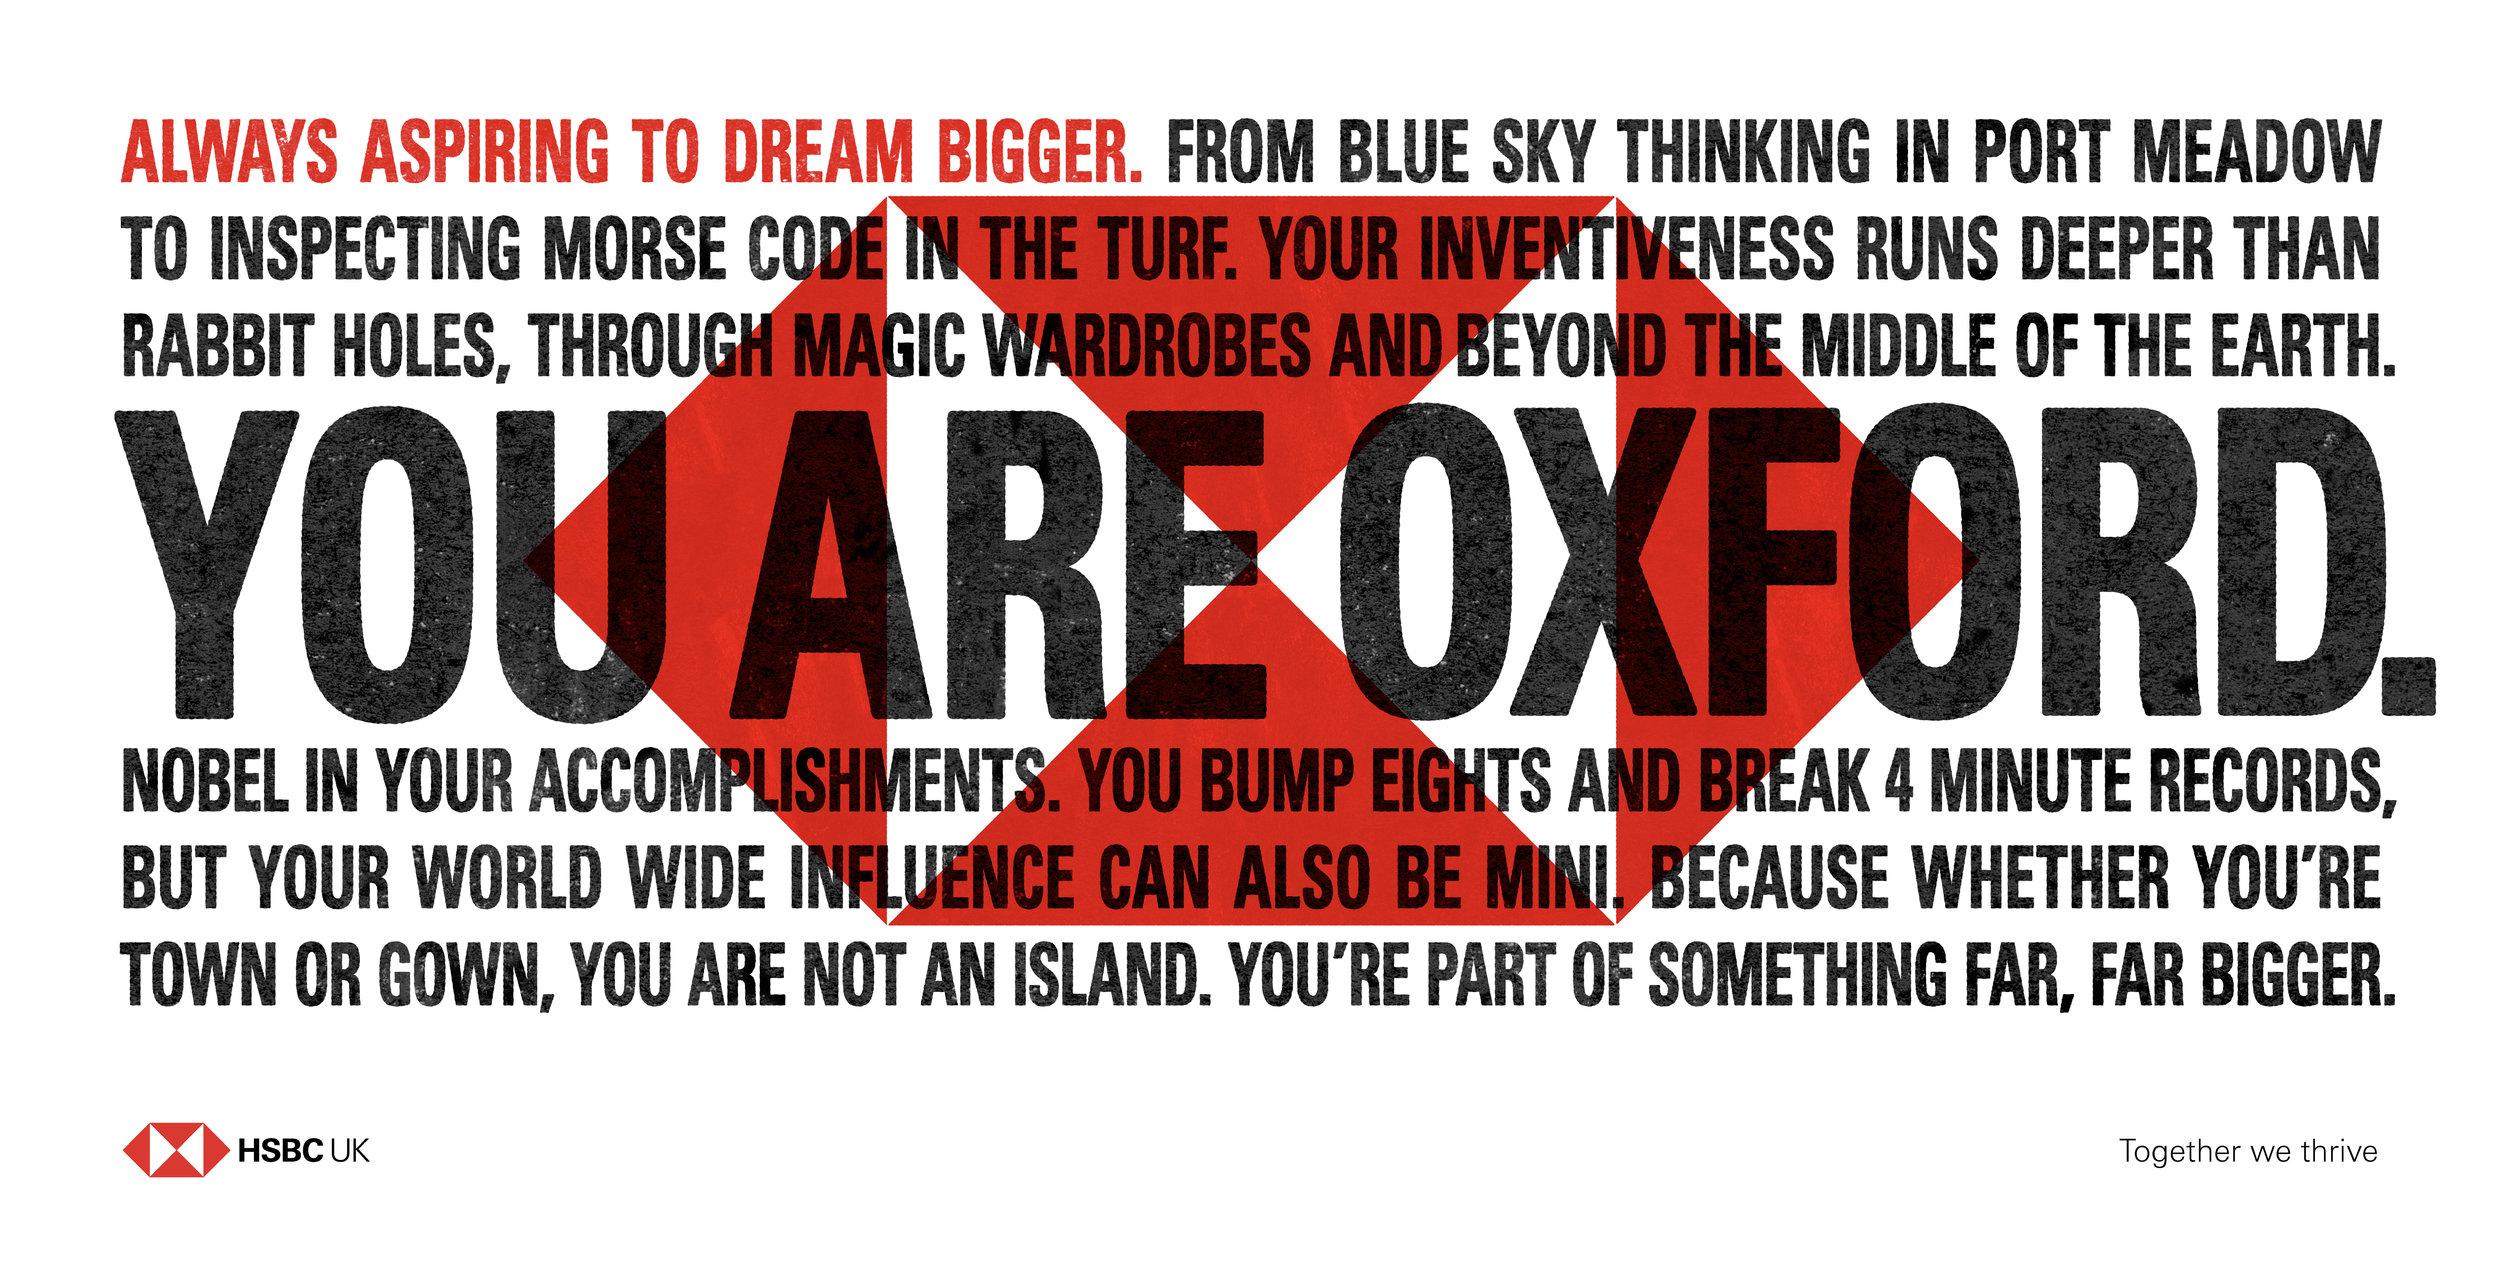 300236037_Oxford_Manifesto_48sheet_v5.jpg